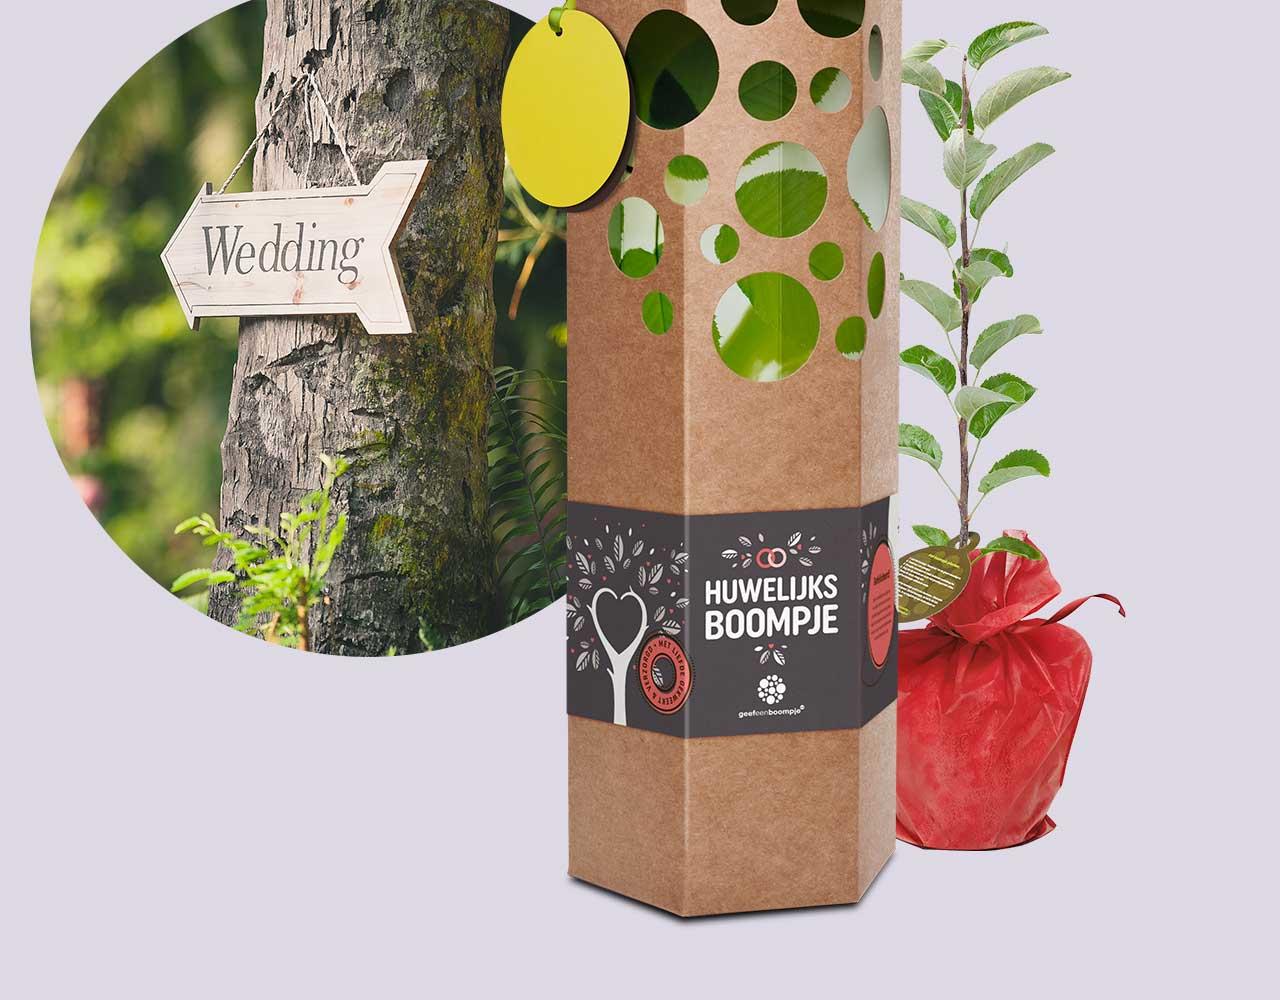 Huwelijkscadeau Huwelijksboom Geefeenboompjenl